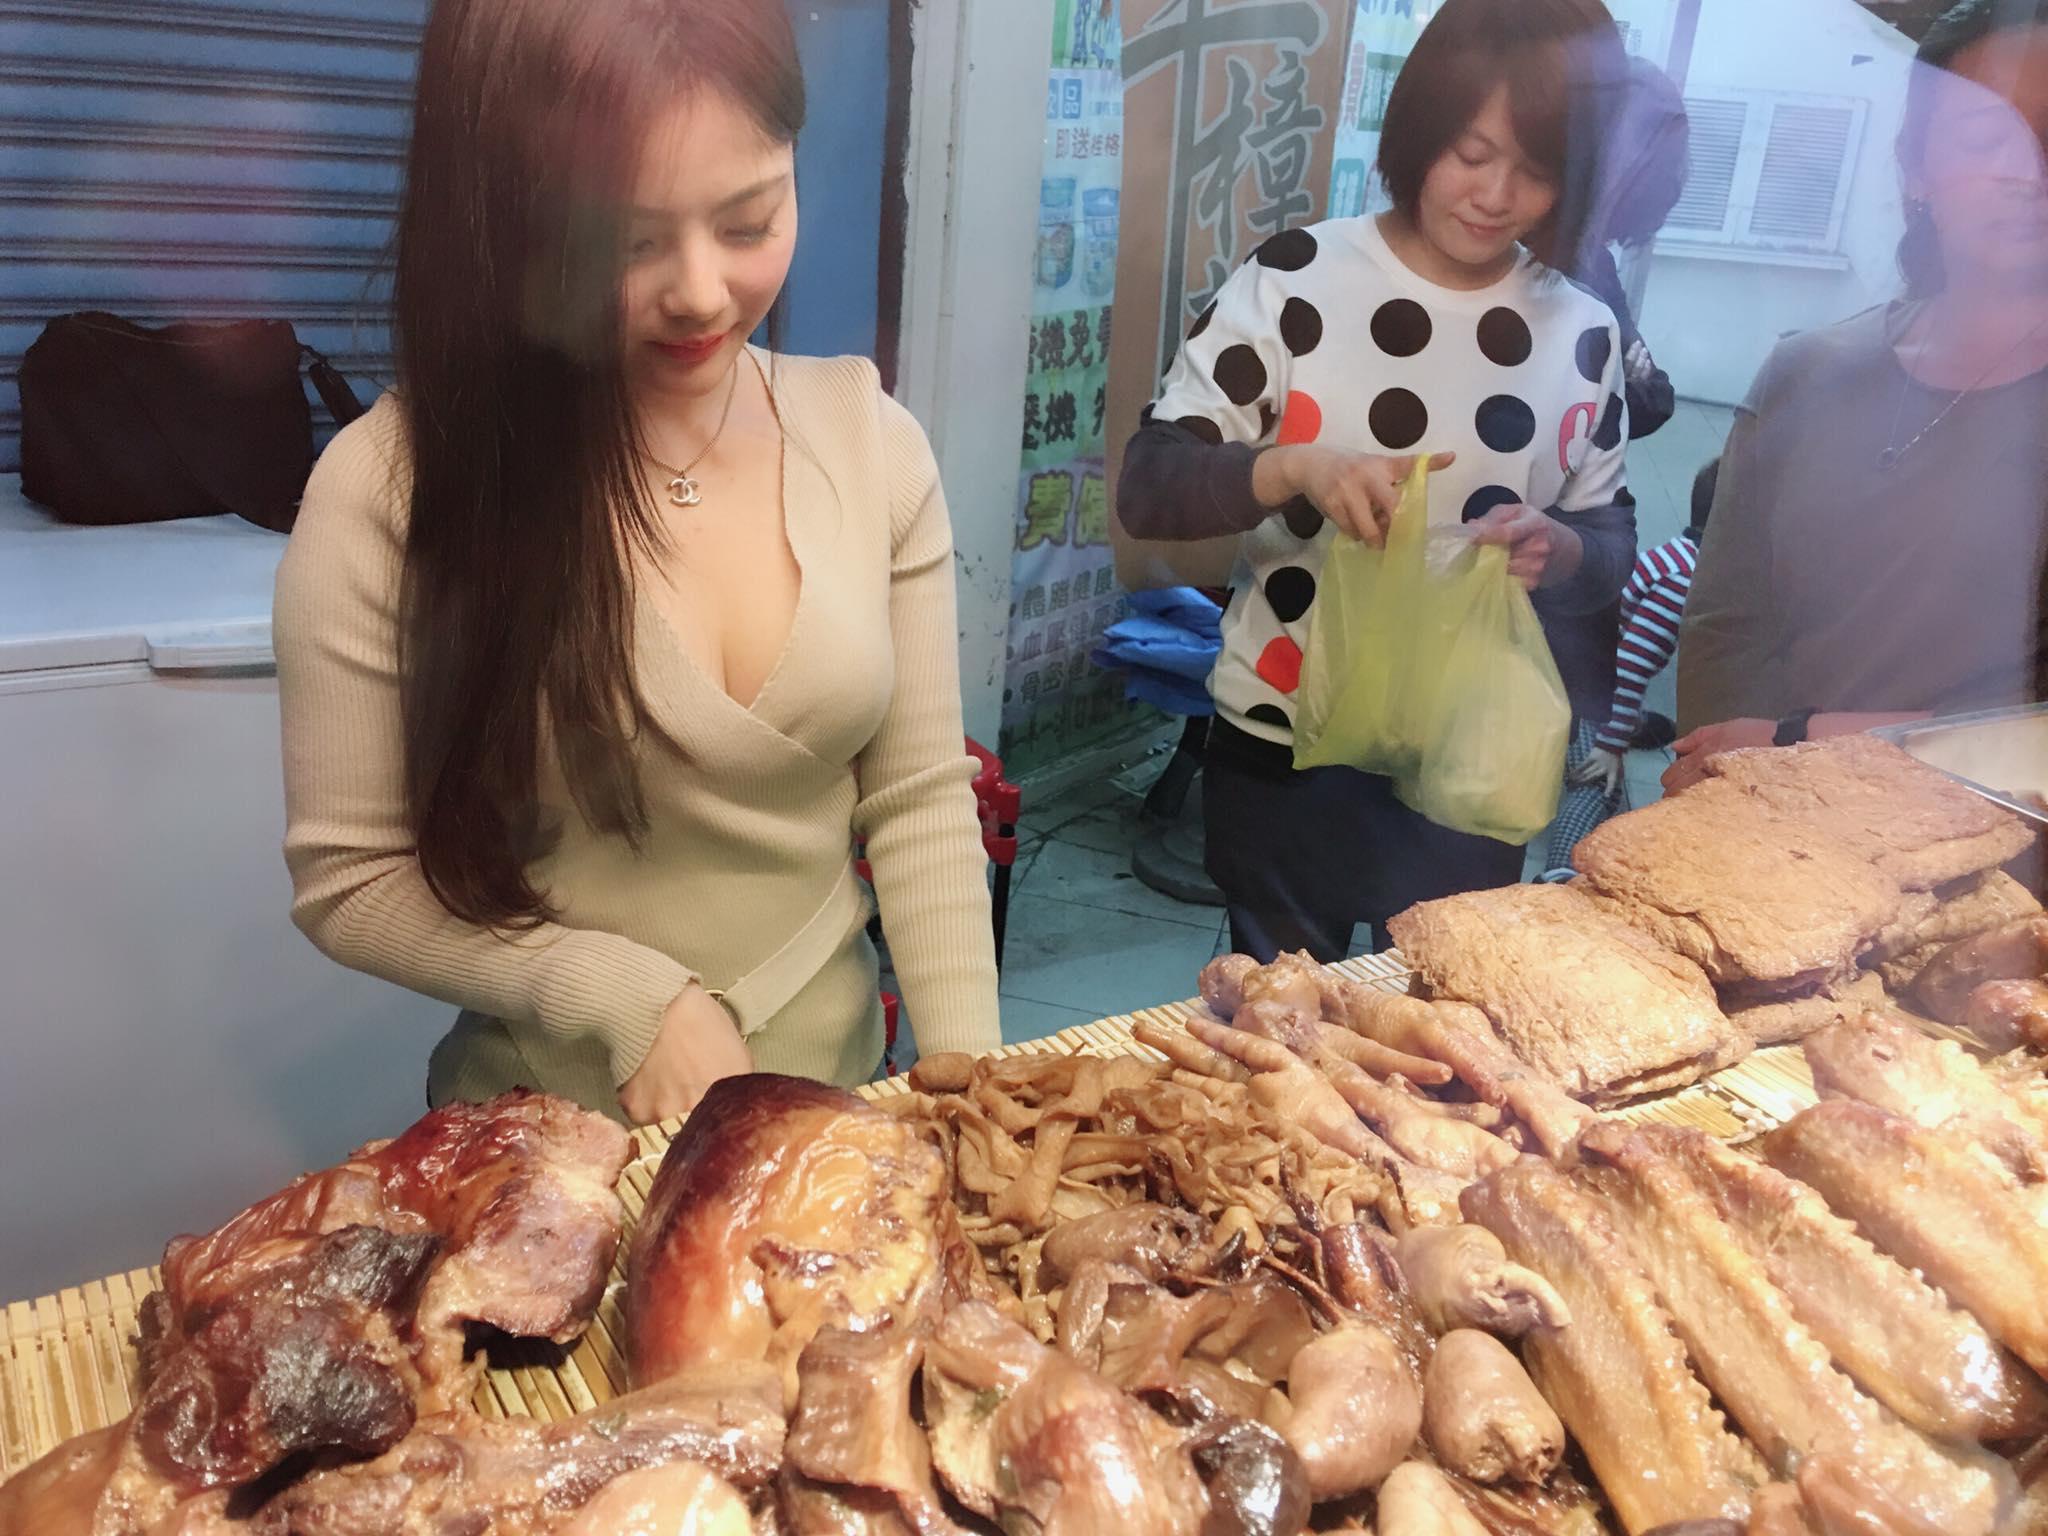 【エロ画像】台湾の屋台店員まんさん、売上のために乳見せすぎ問題wwwwwwwwwwwwww・6枚目